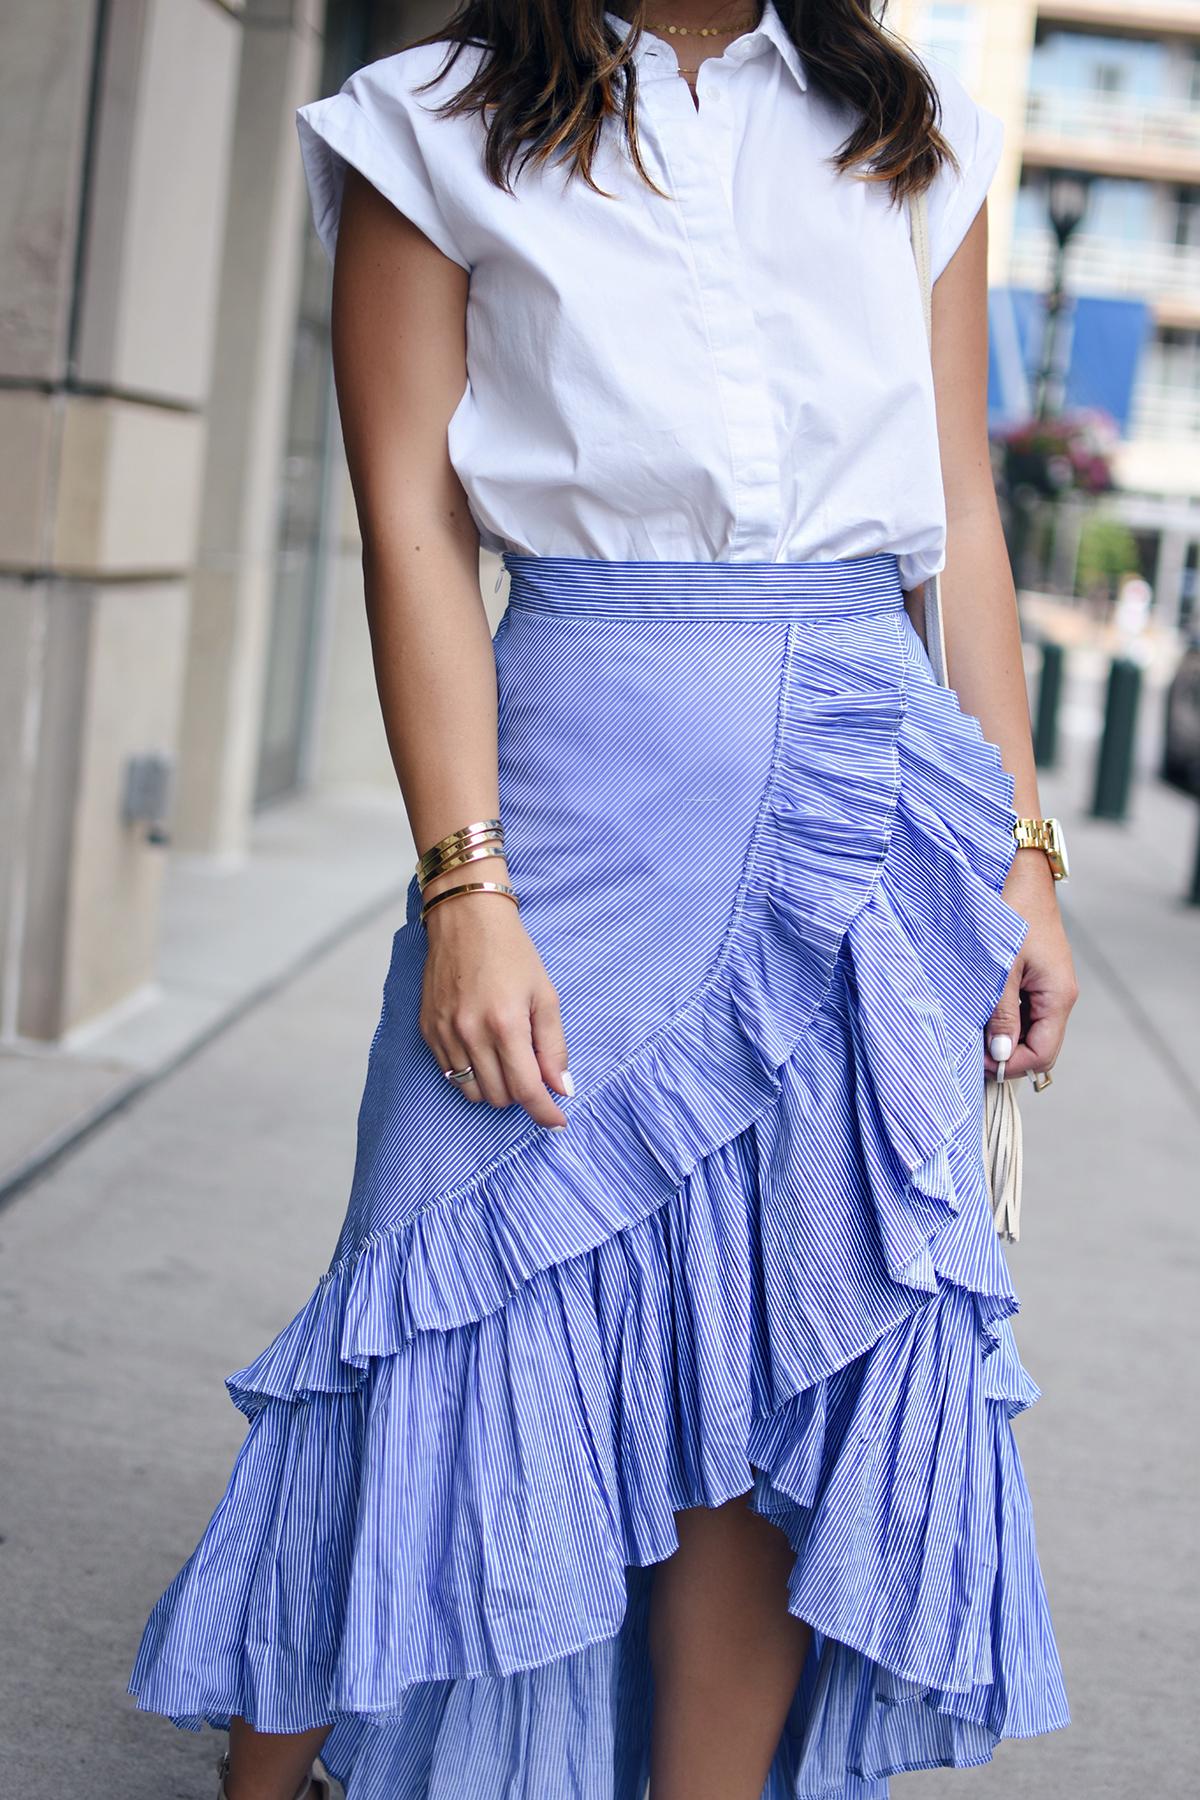 Ruffle Maxi Skirt Styling Tips | Fashion & Style